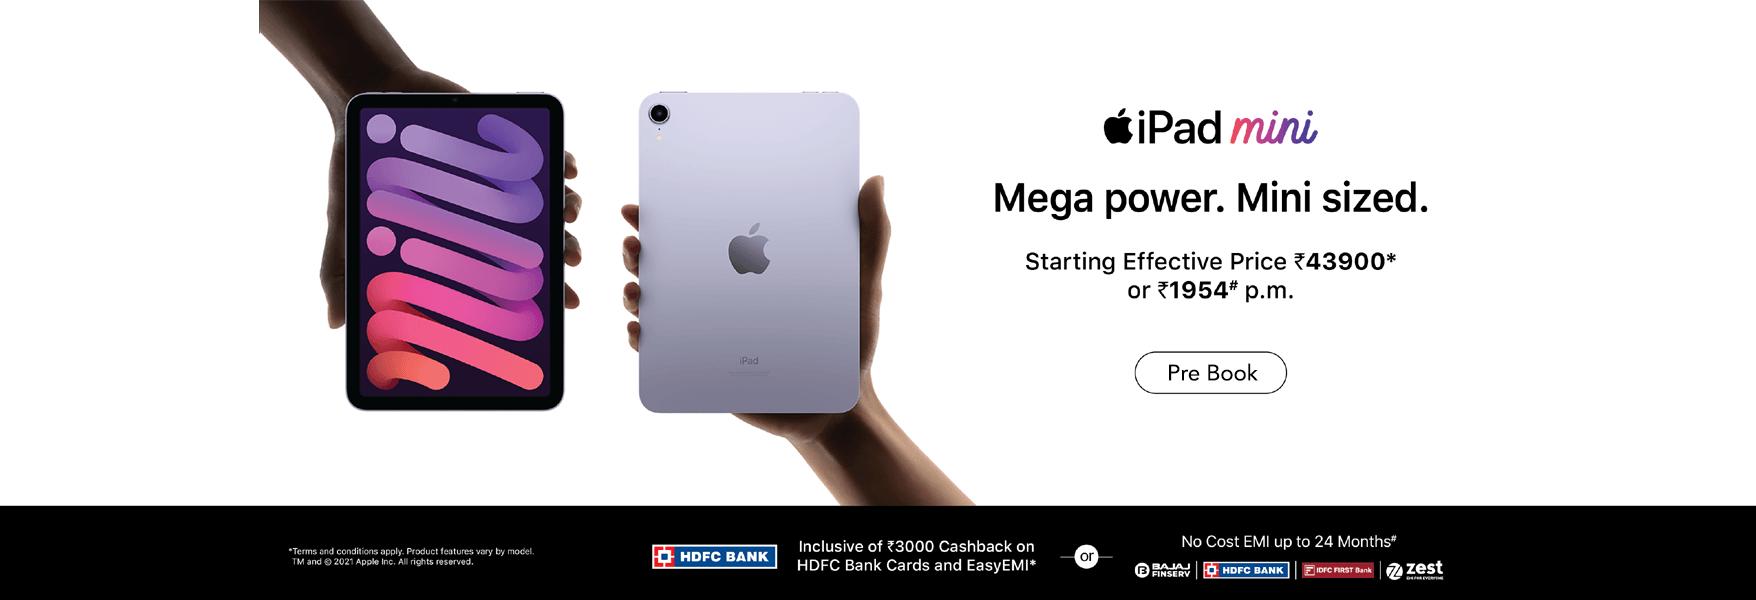 iPad mini - Coming Soon